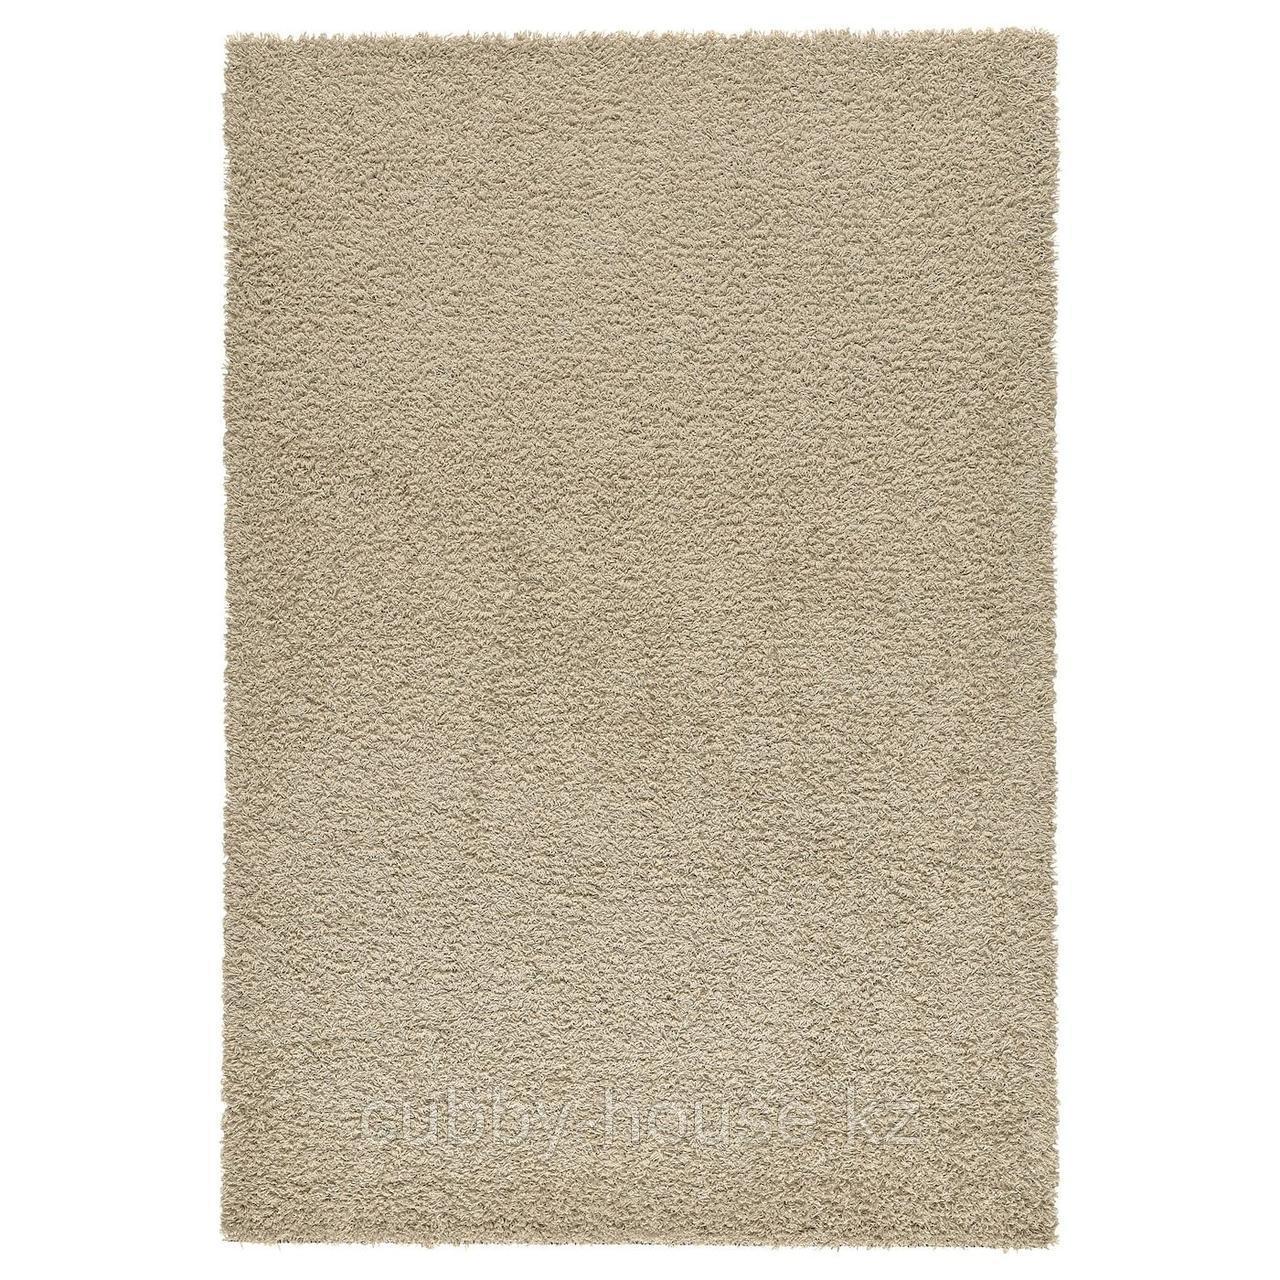 ХАМПЭН Ковер, длинный ворс, бежевый, 80x80 см